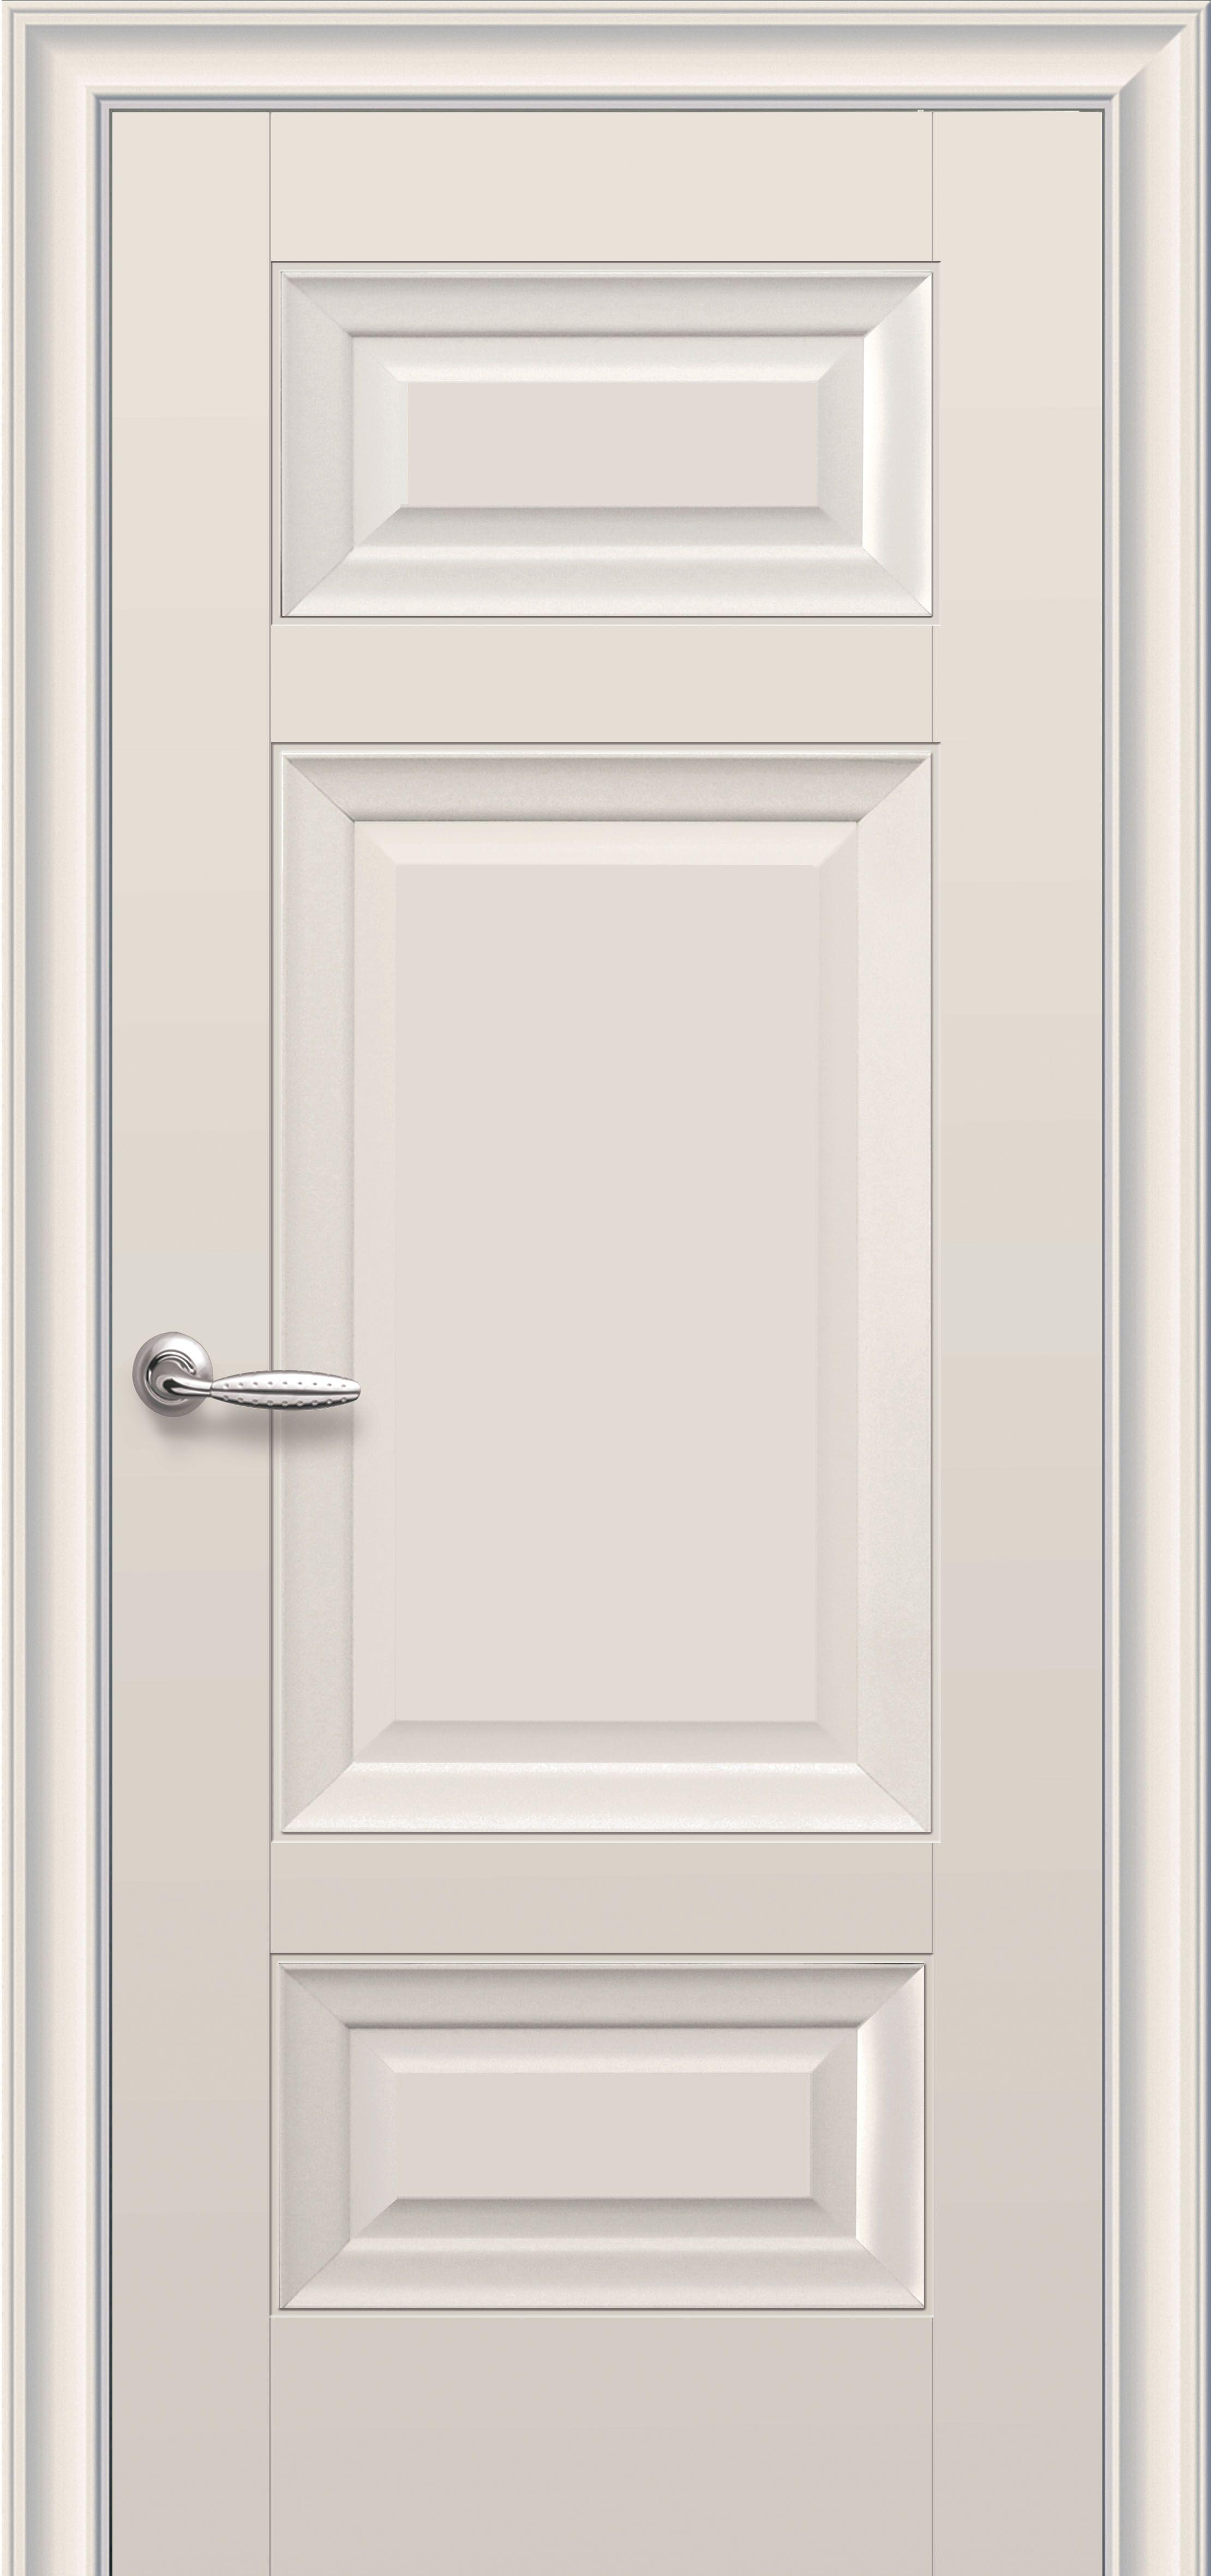 Межкомнатные двери Charm глухое